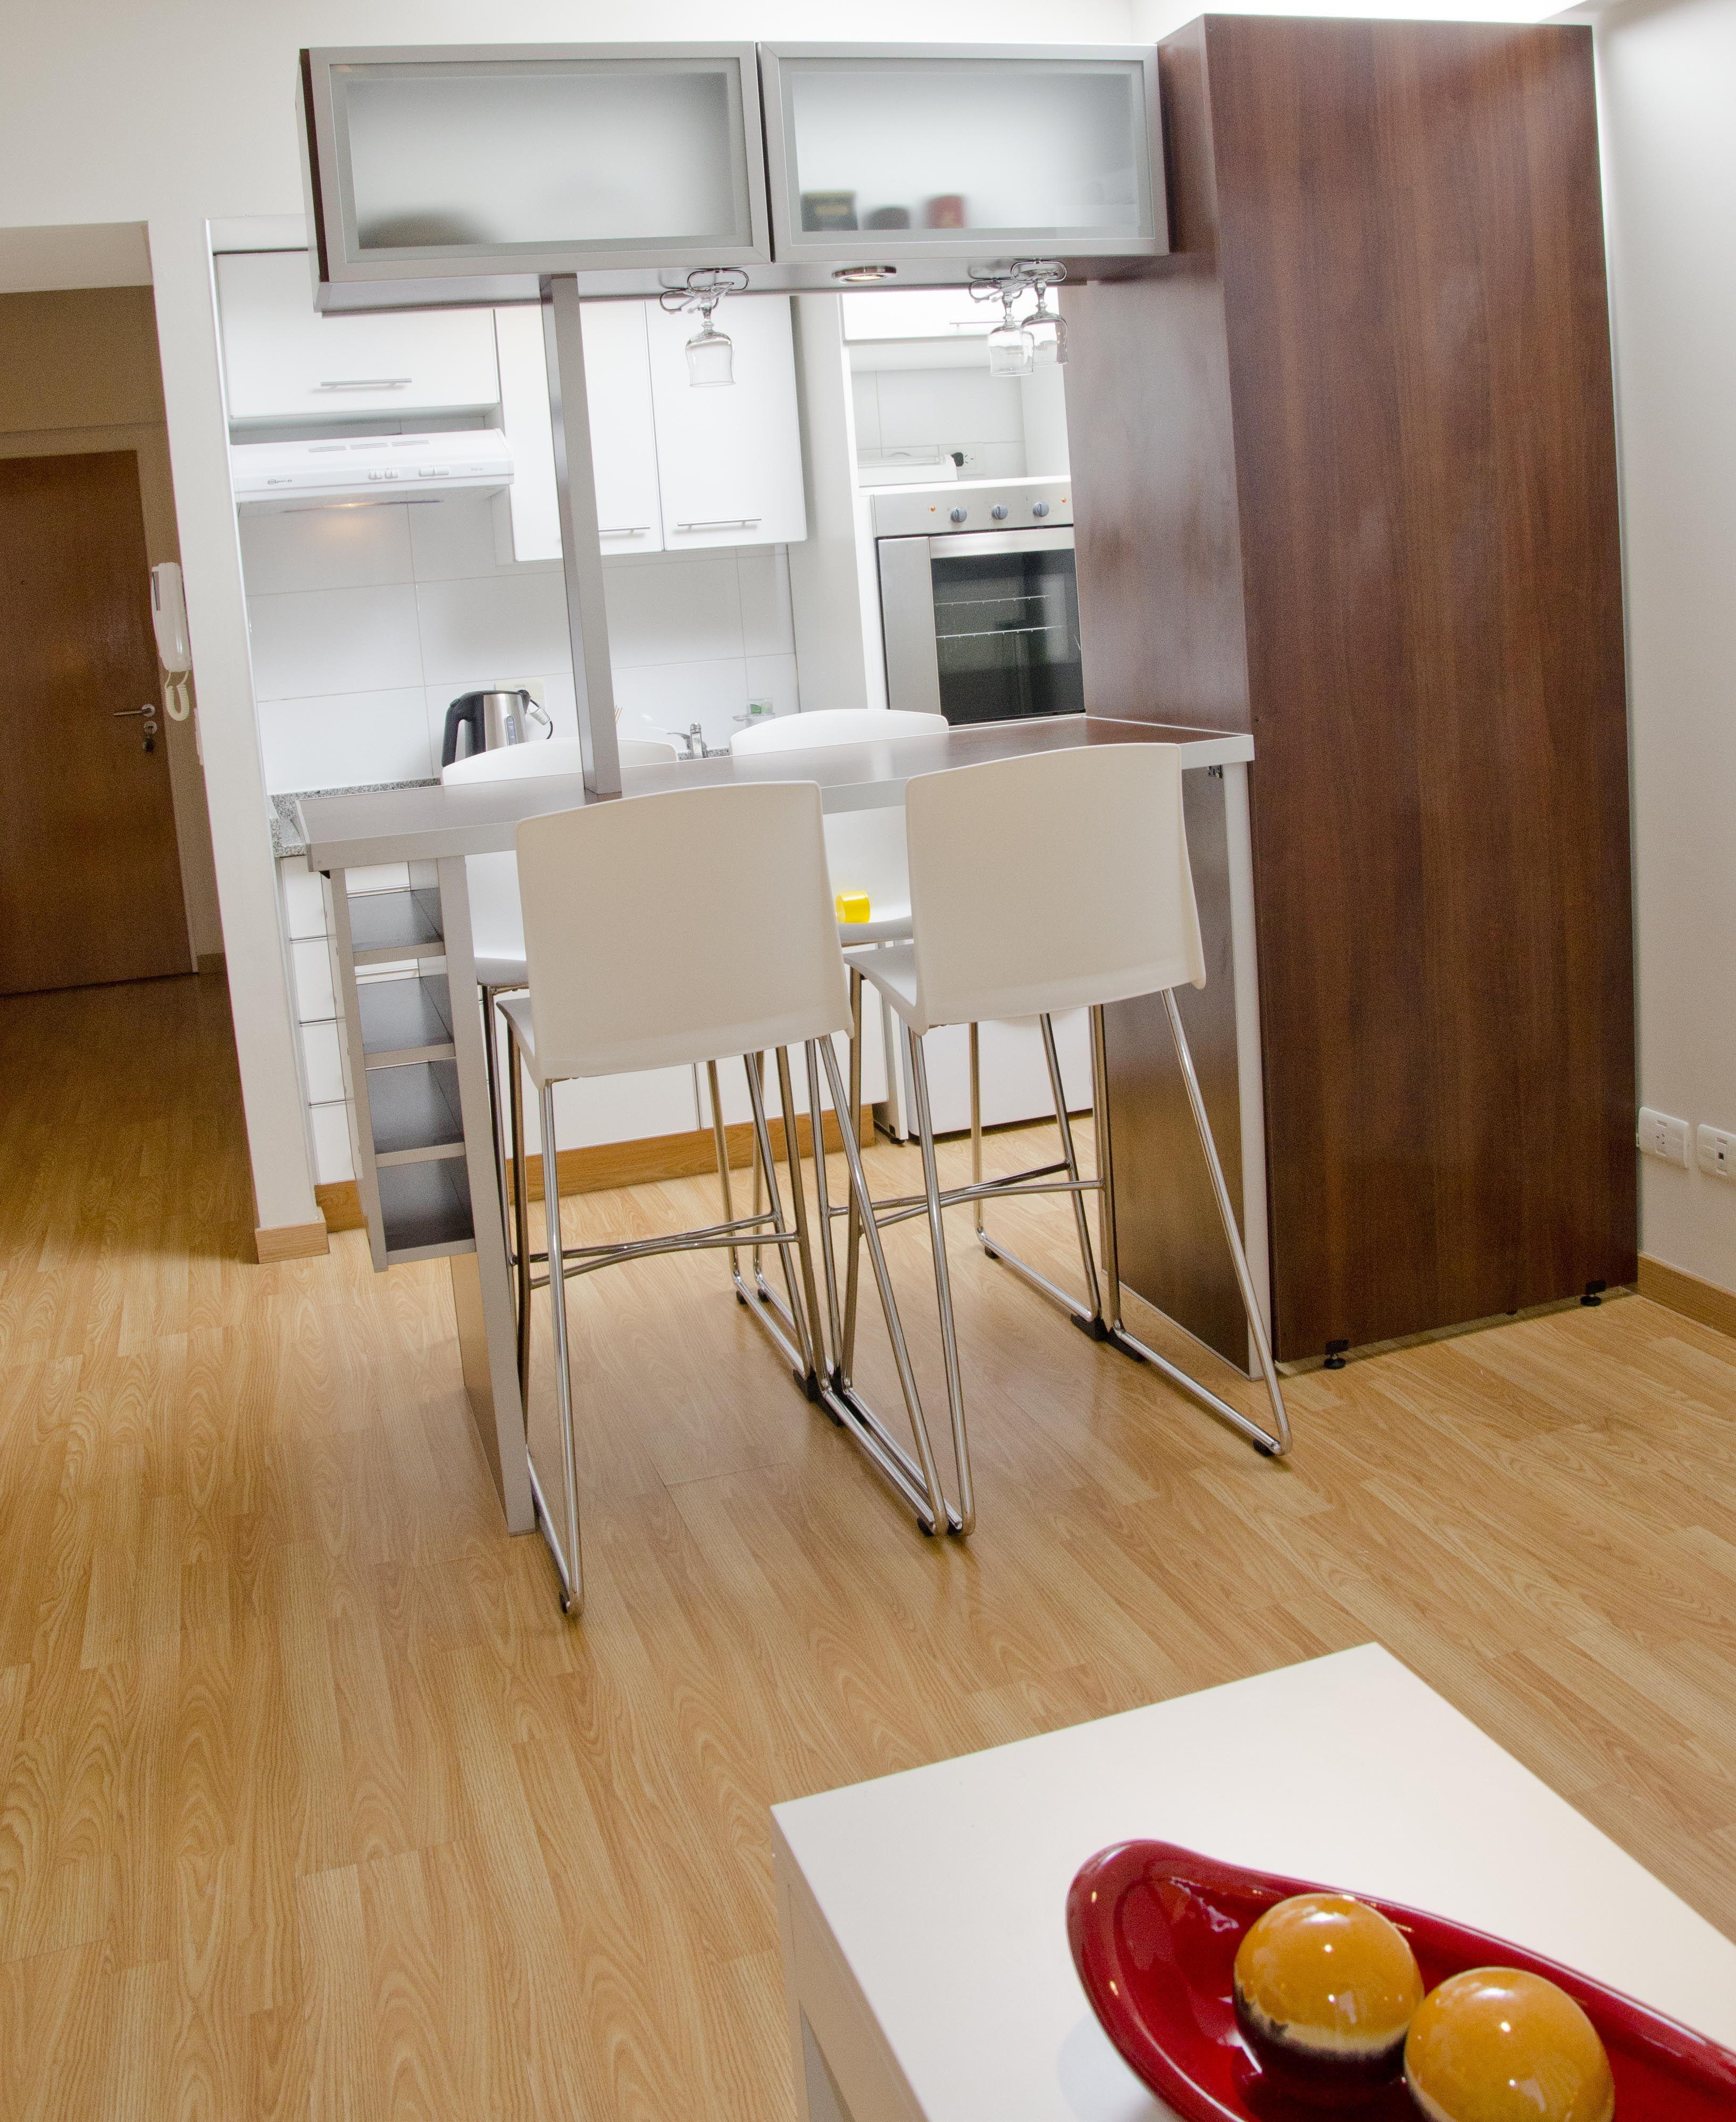 Desayunador d 480 con alacenas vidriadas luces y coperos - Mueble barra cocina ...